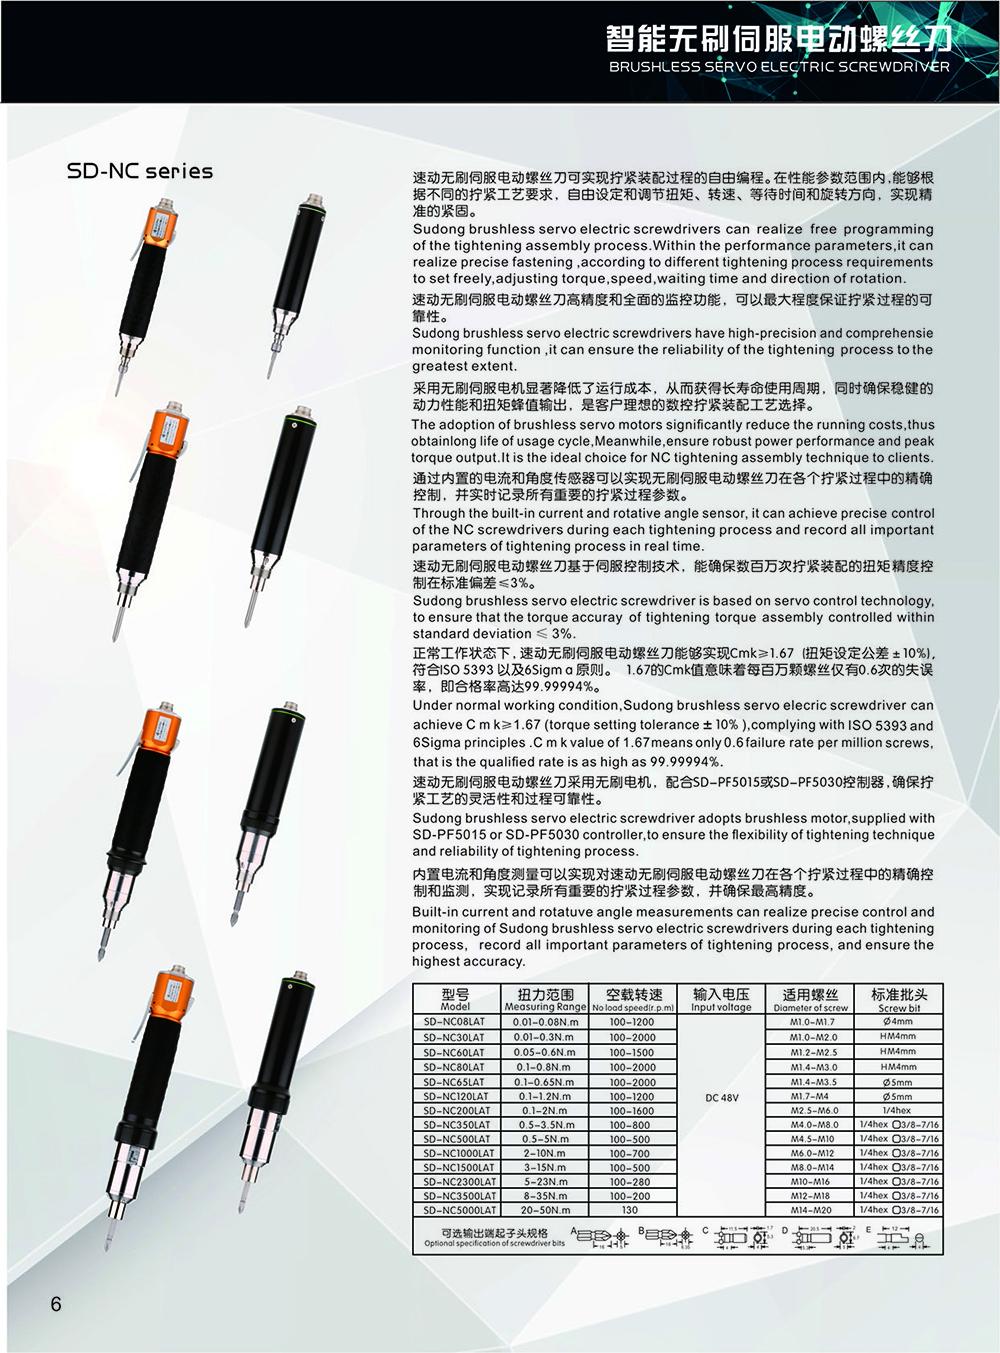 Electric screwdriver 8